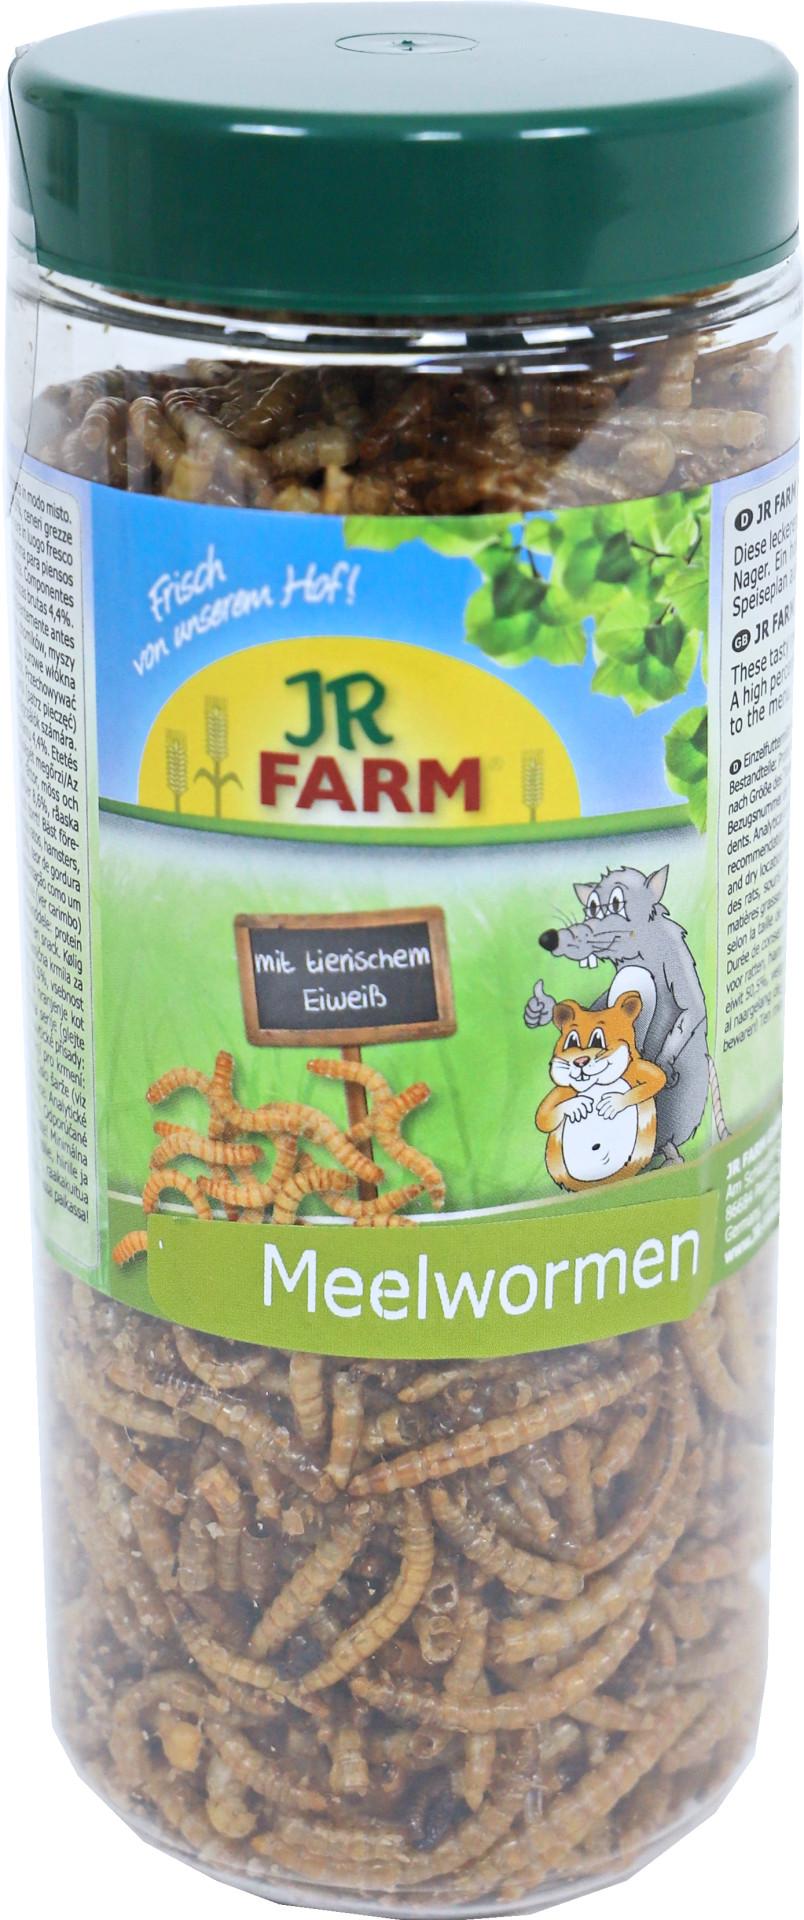 JR Farm meelwormen 70 gr